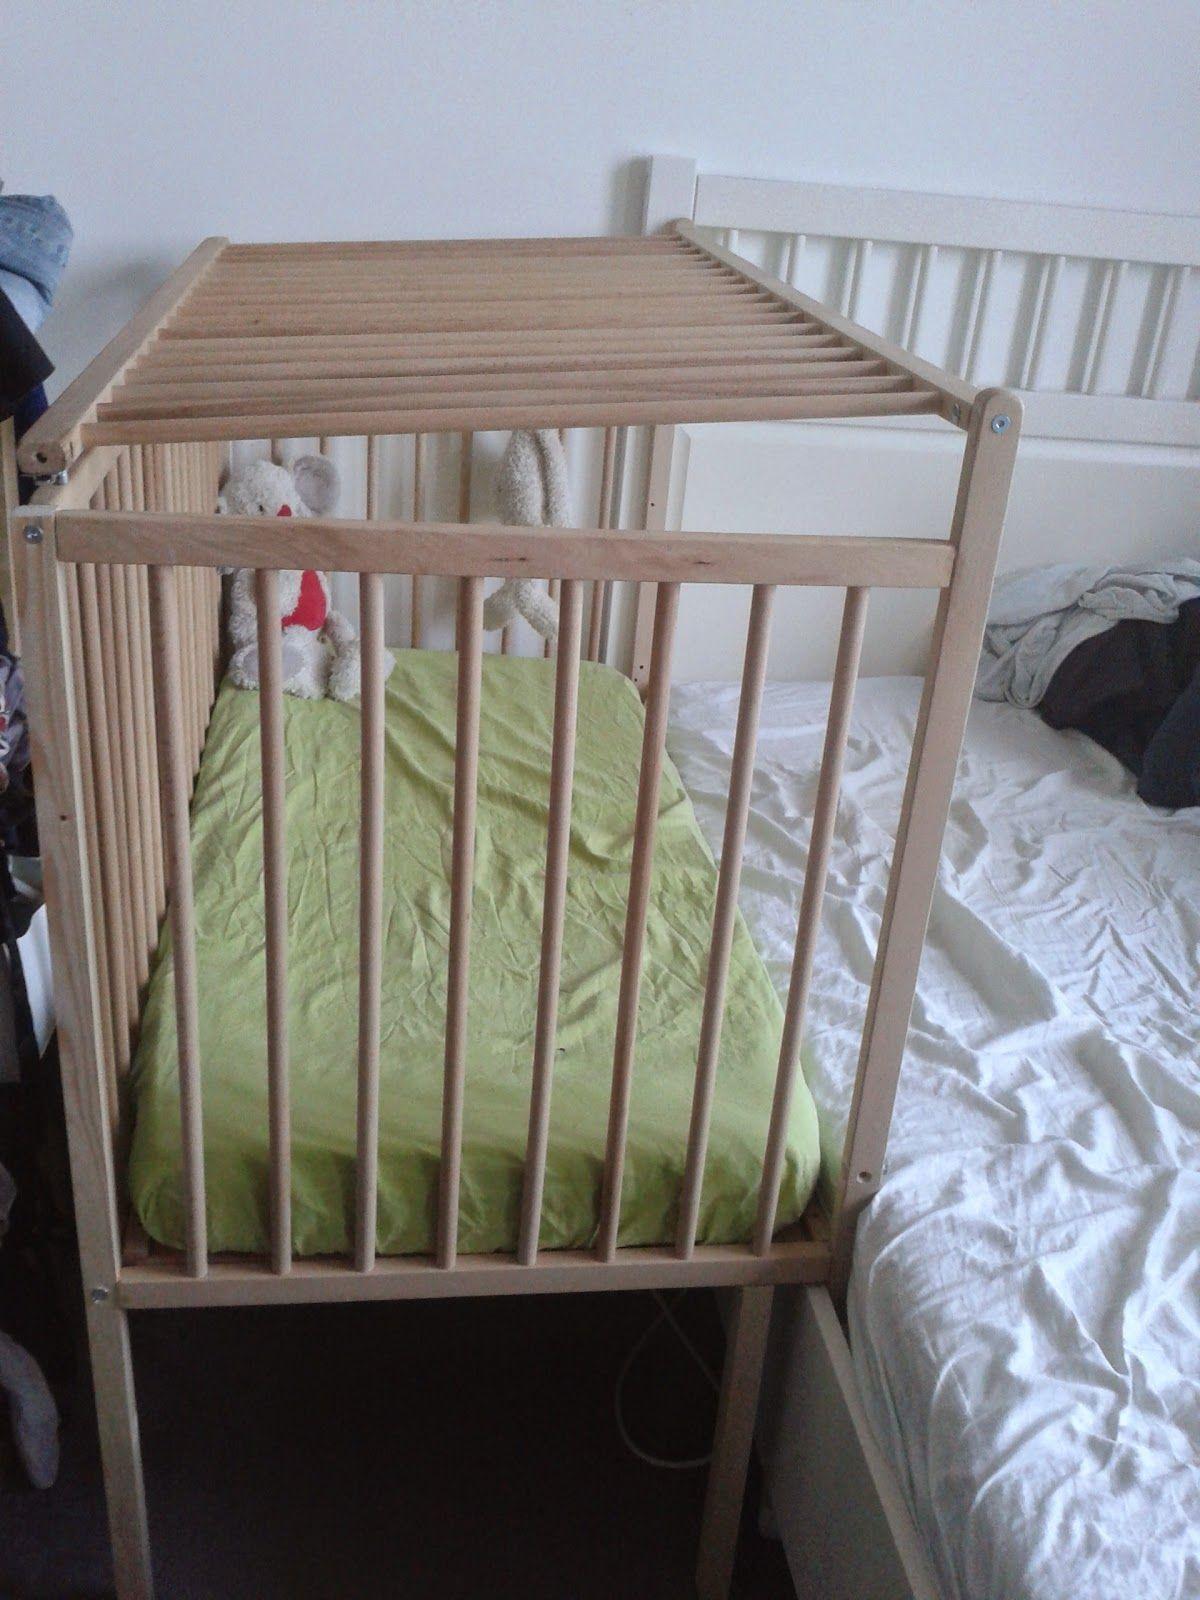 Baby Beistellbett Ikea : diy ikea sniglar hack co sleeper with safety gate exactly what i 39 m looking for in 2019 ~ Watch28wear.com Haus und Dekorationen